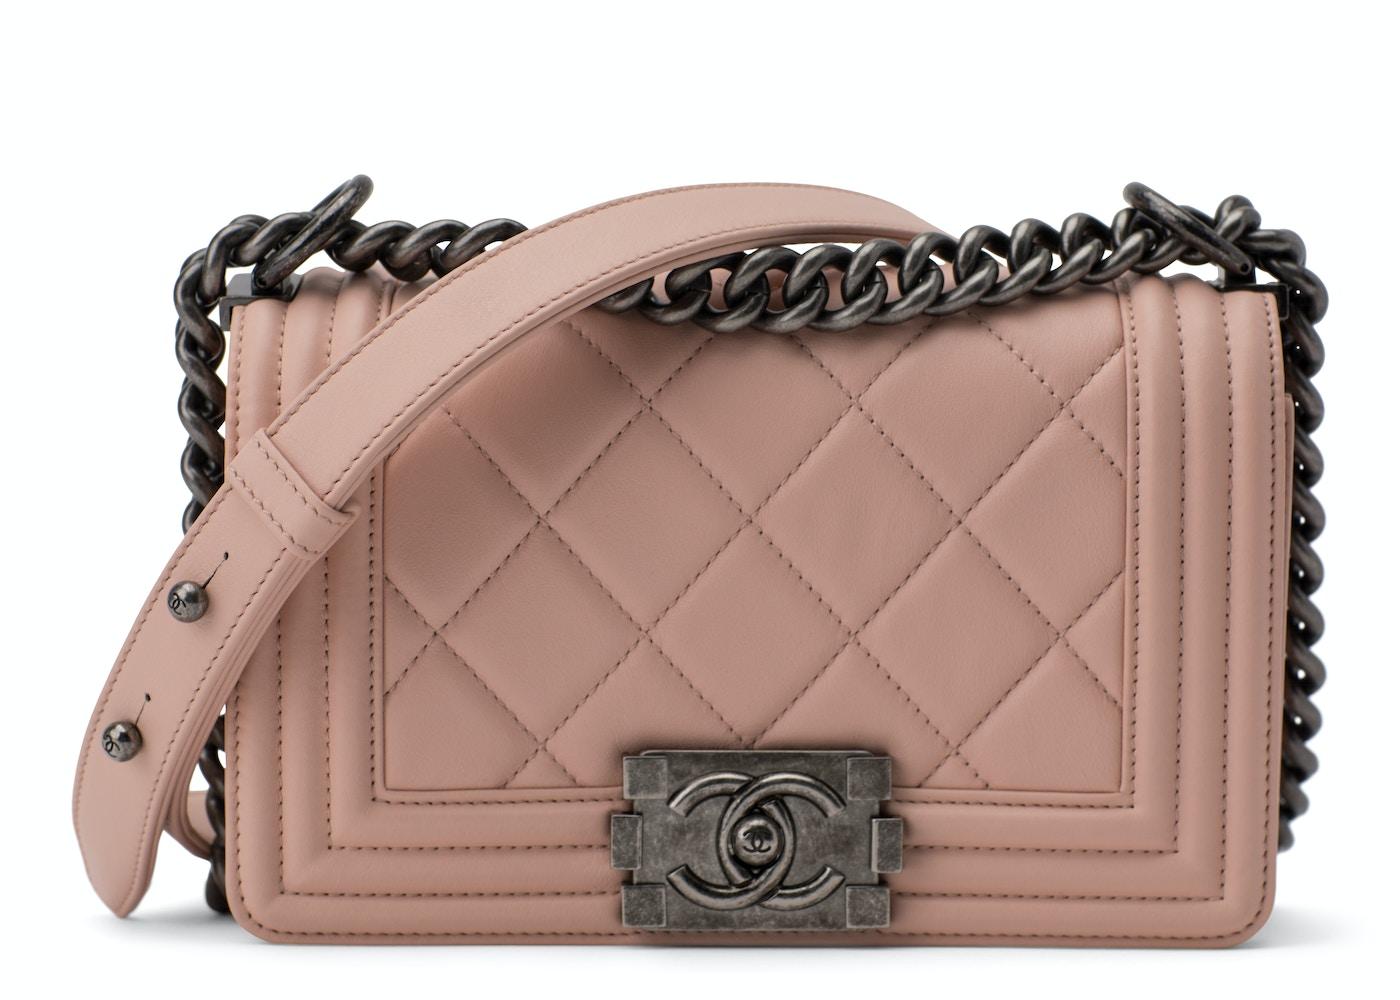 f2d84a428a1f Buy   Sell Chanel Boy Handbags - Volatility